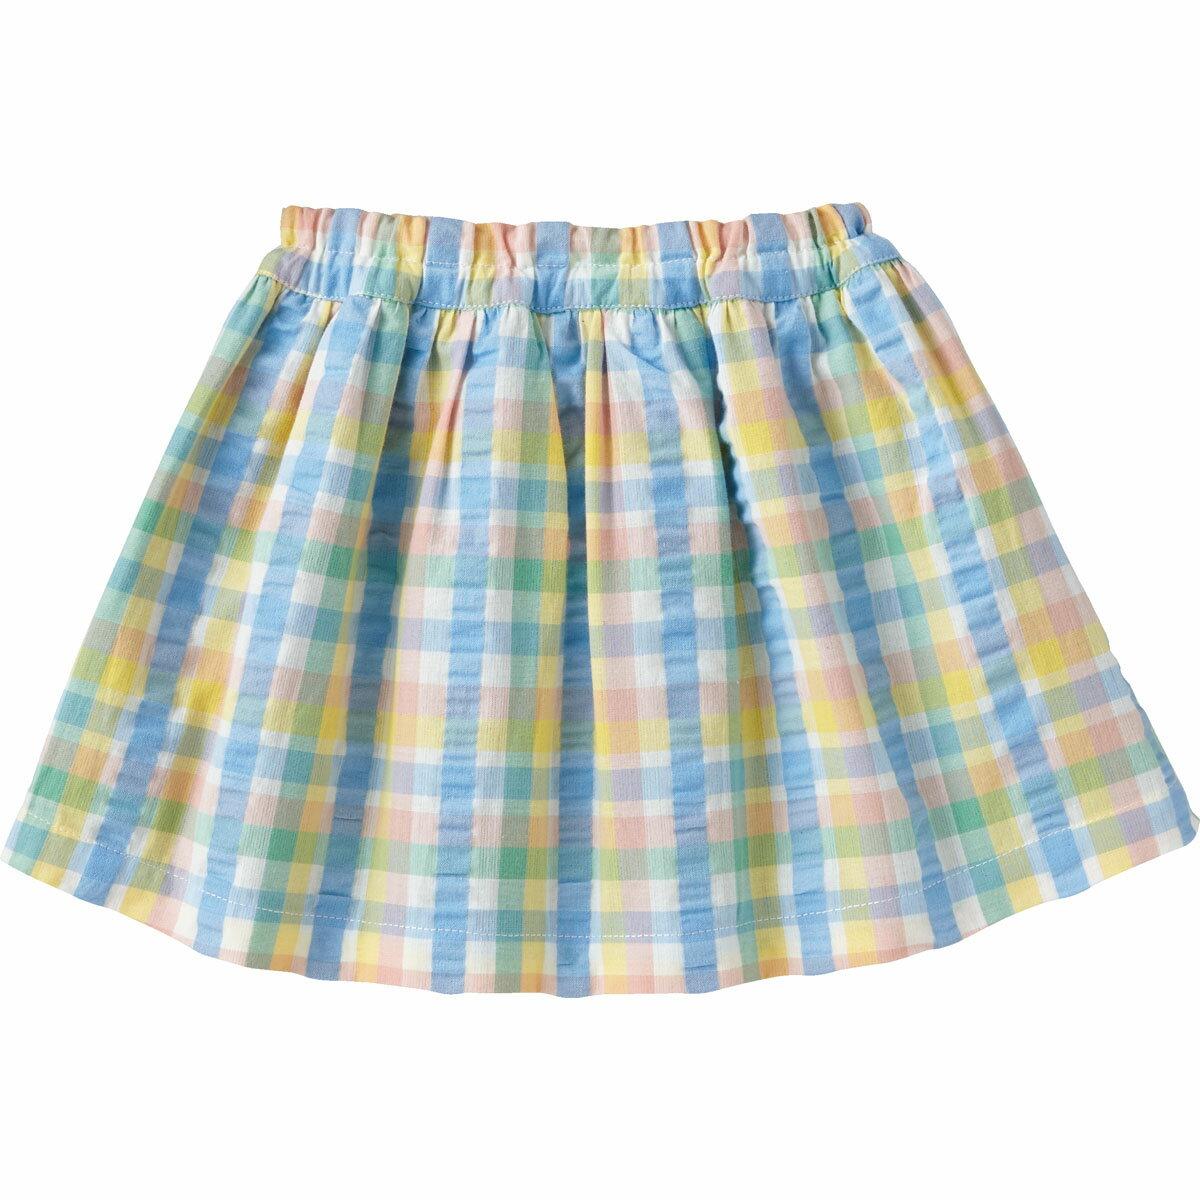 リバーシブルスカート{女の子}《コンビミニ》ギフト ベビー服 子供服 Combi miniリバーシブルスカート